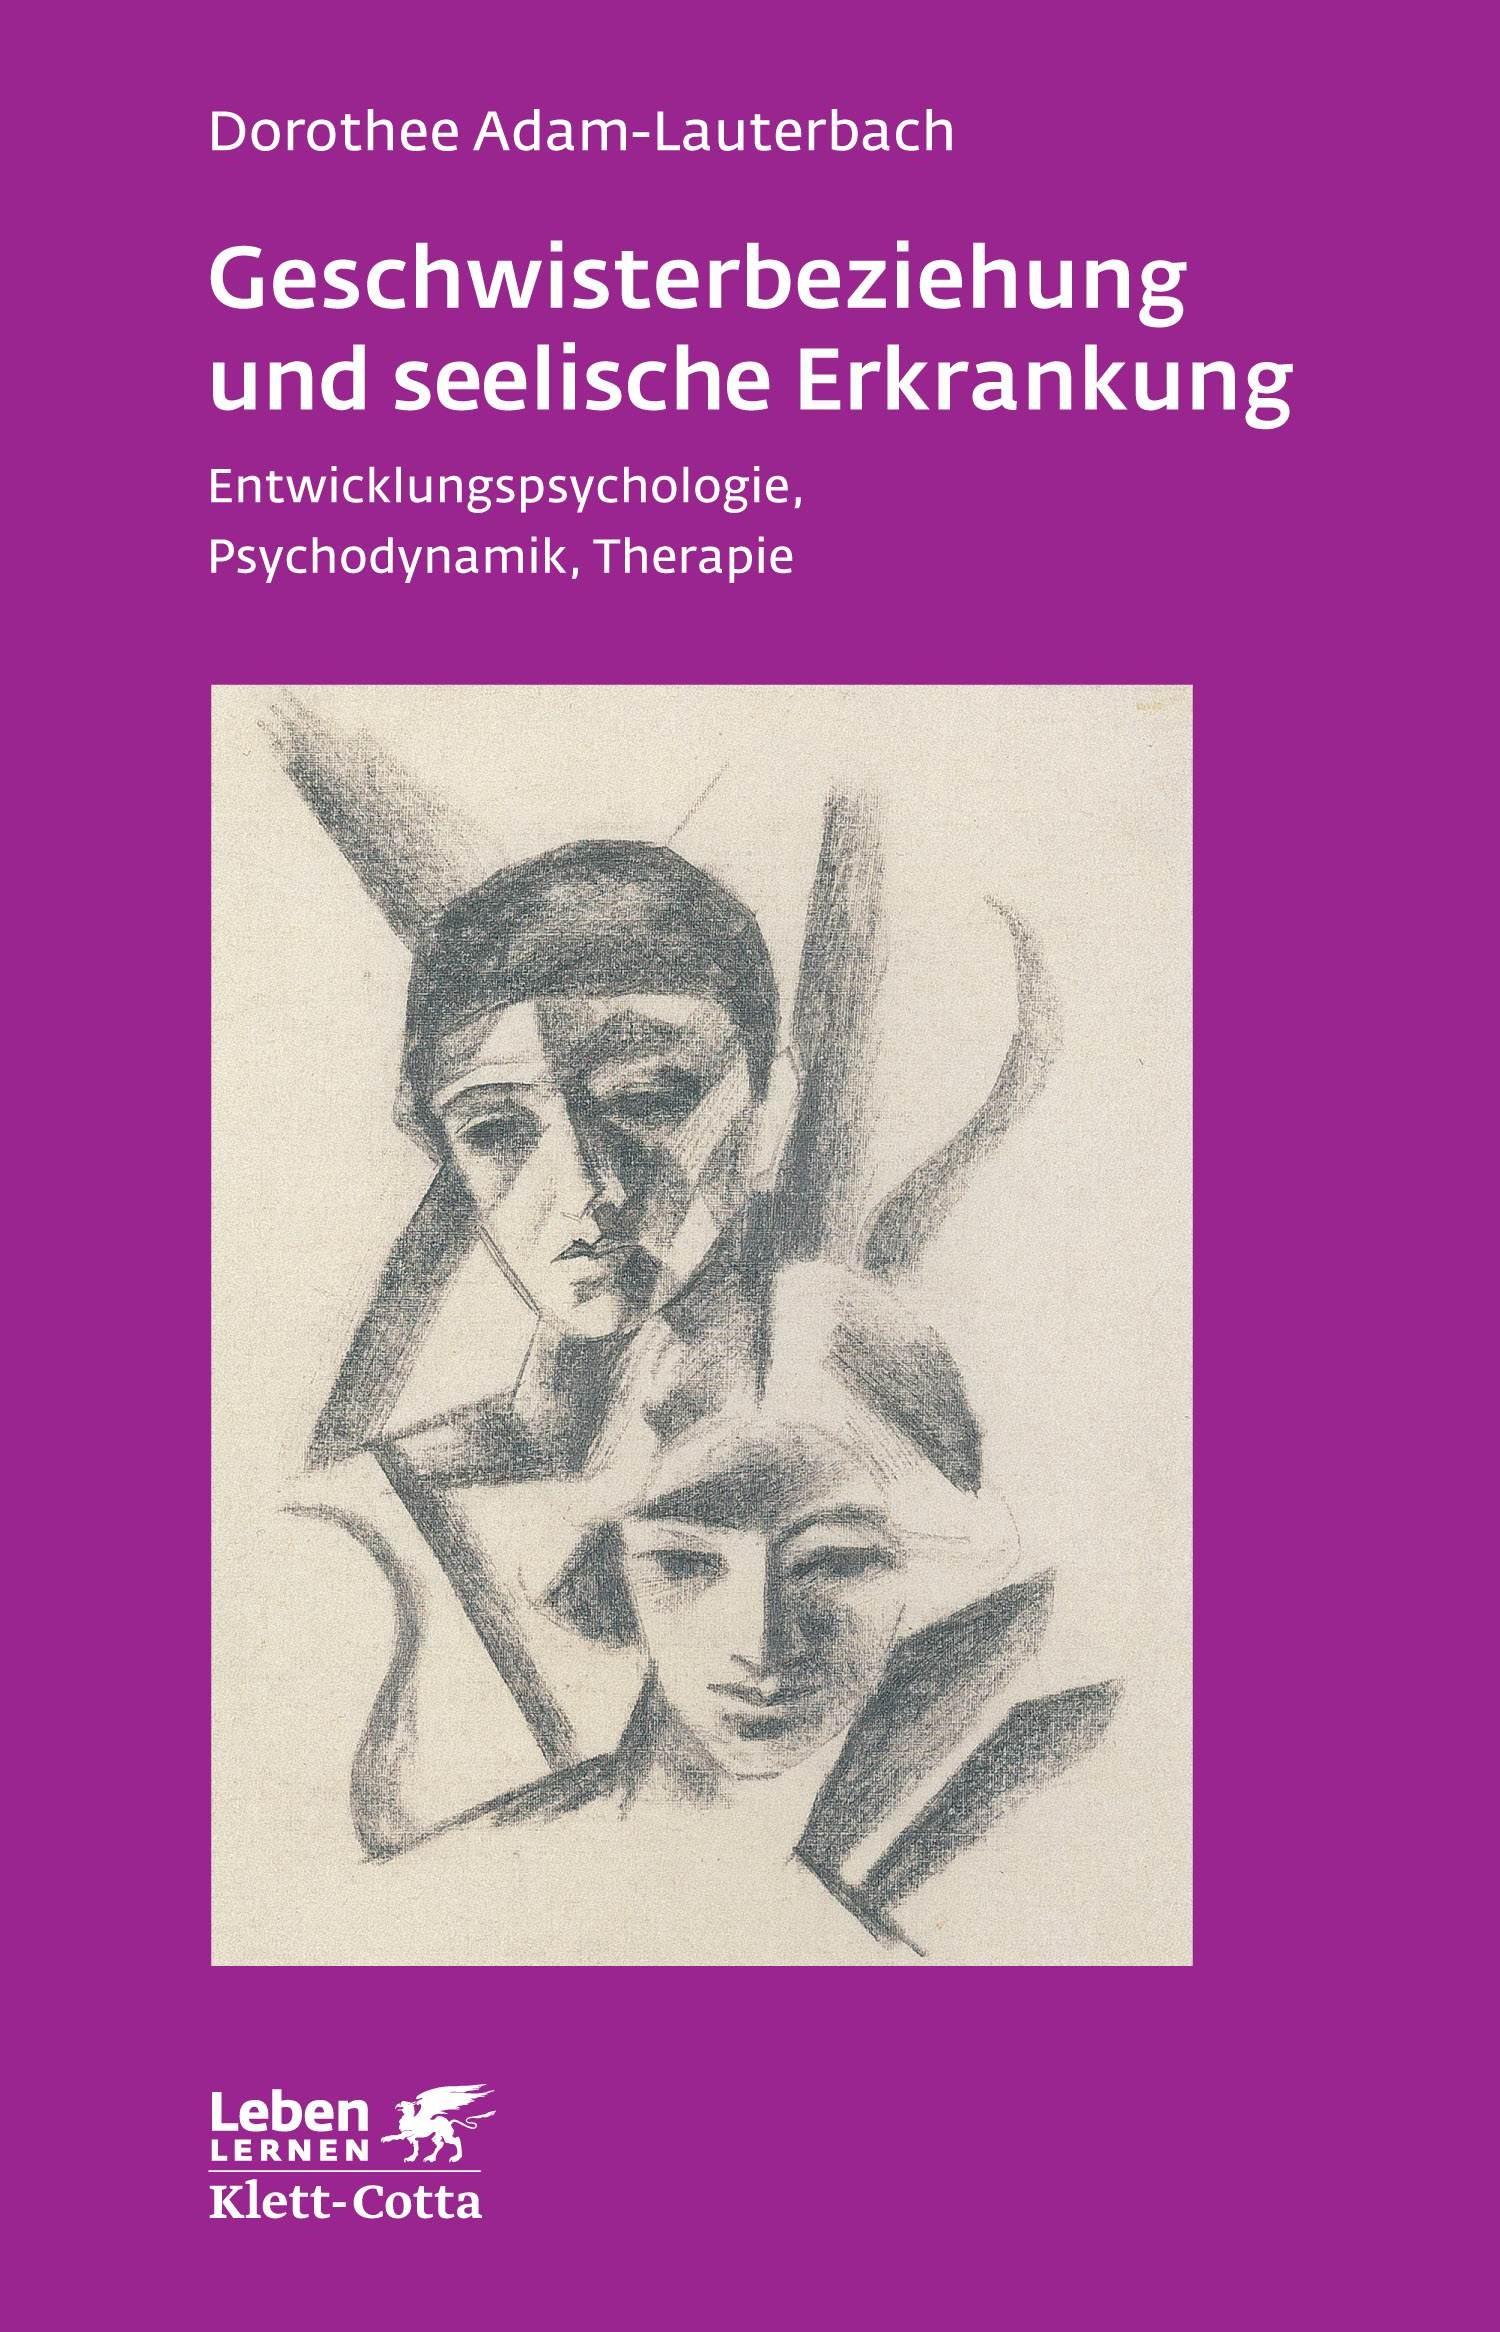 Abbildung von Adam-Lauterbach | Geschwisterbeziehung und seelische Erkrankung | 2013